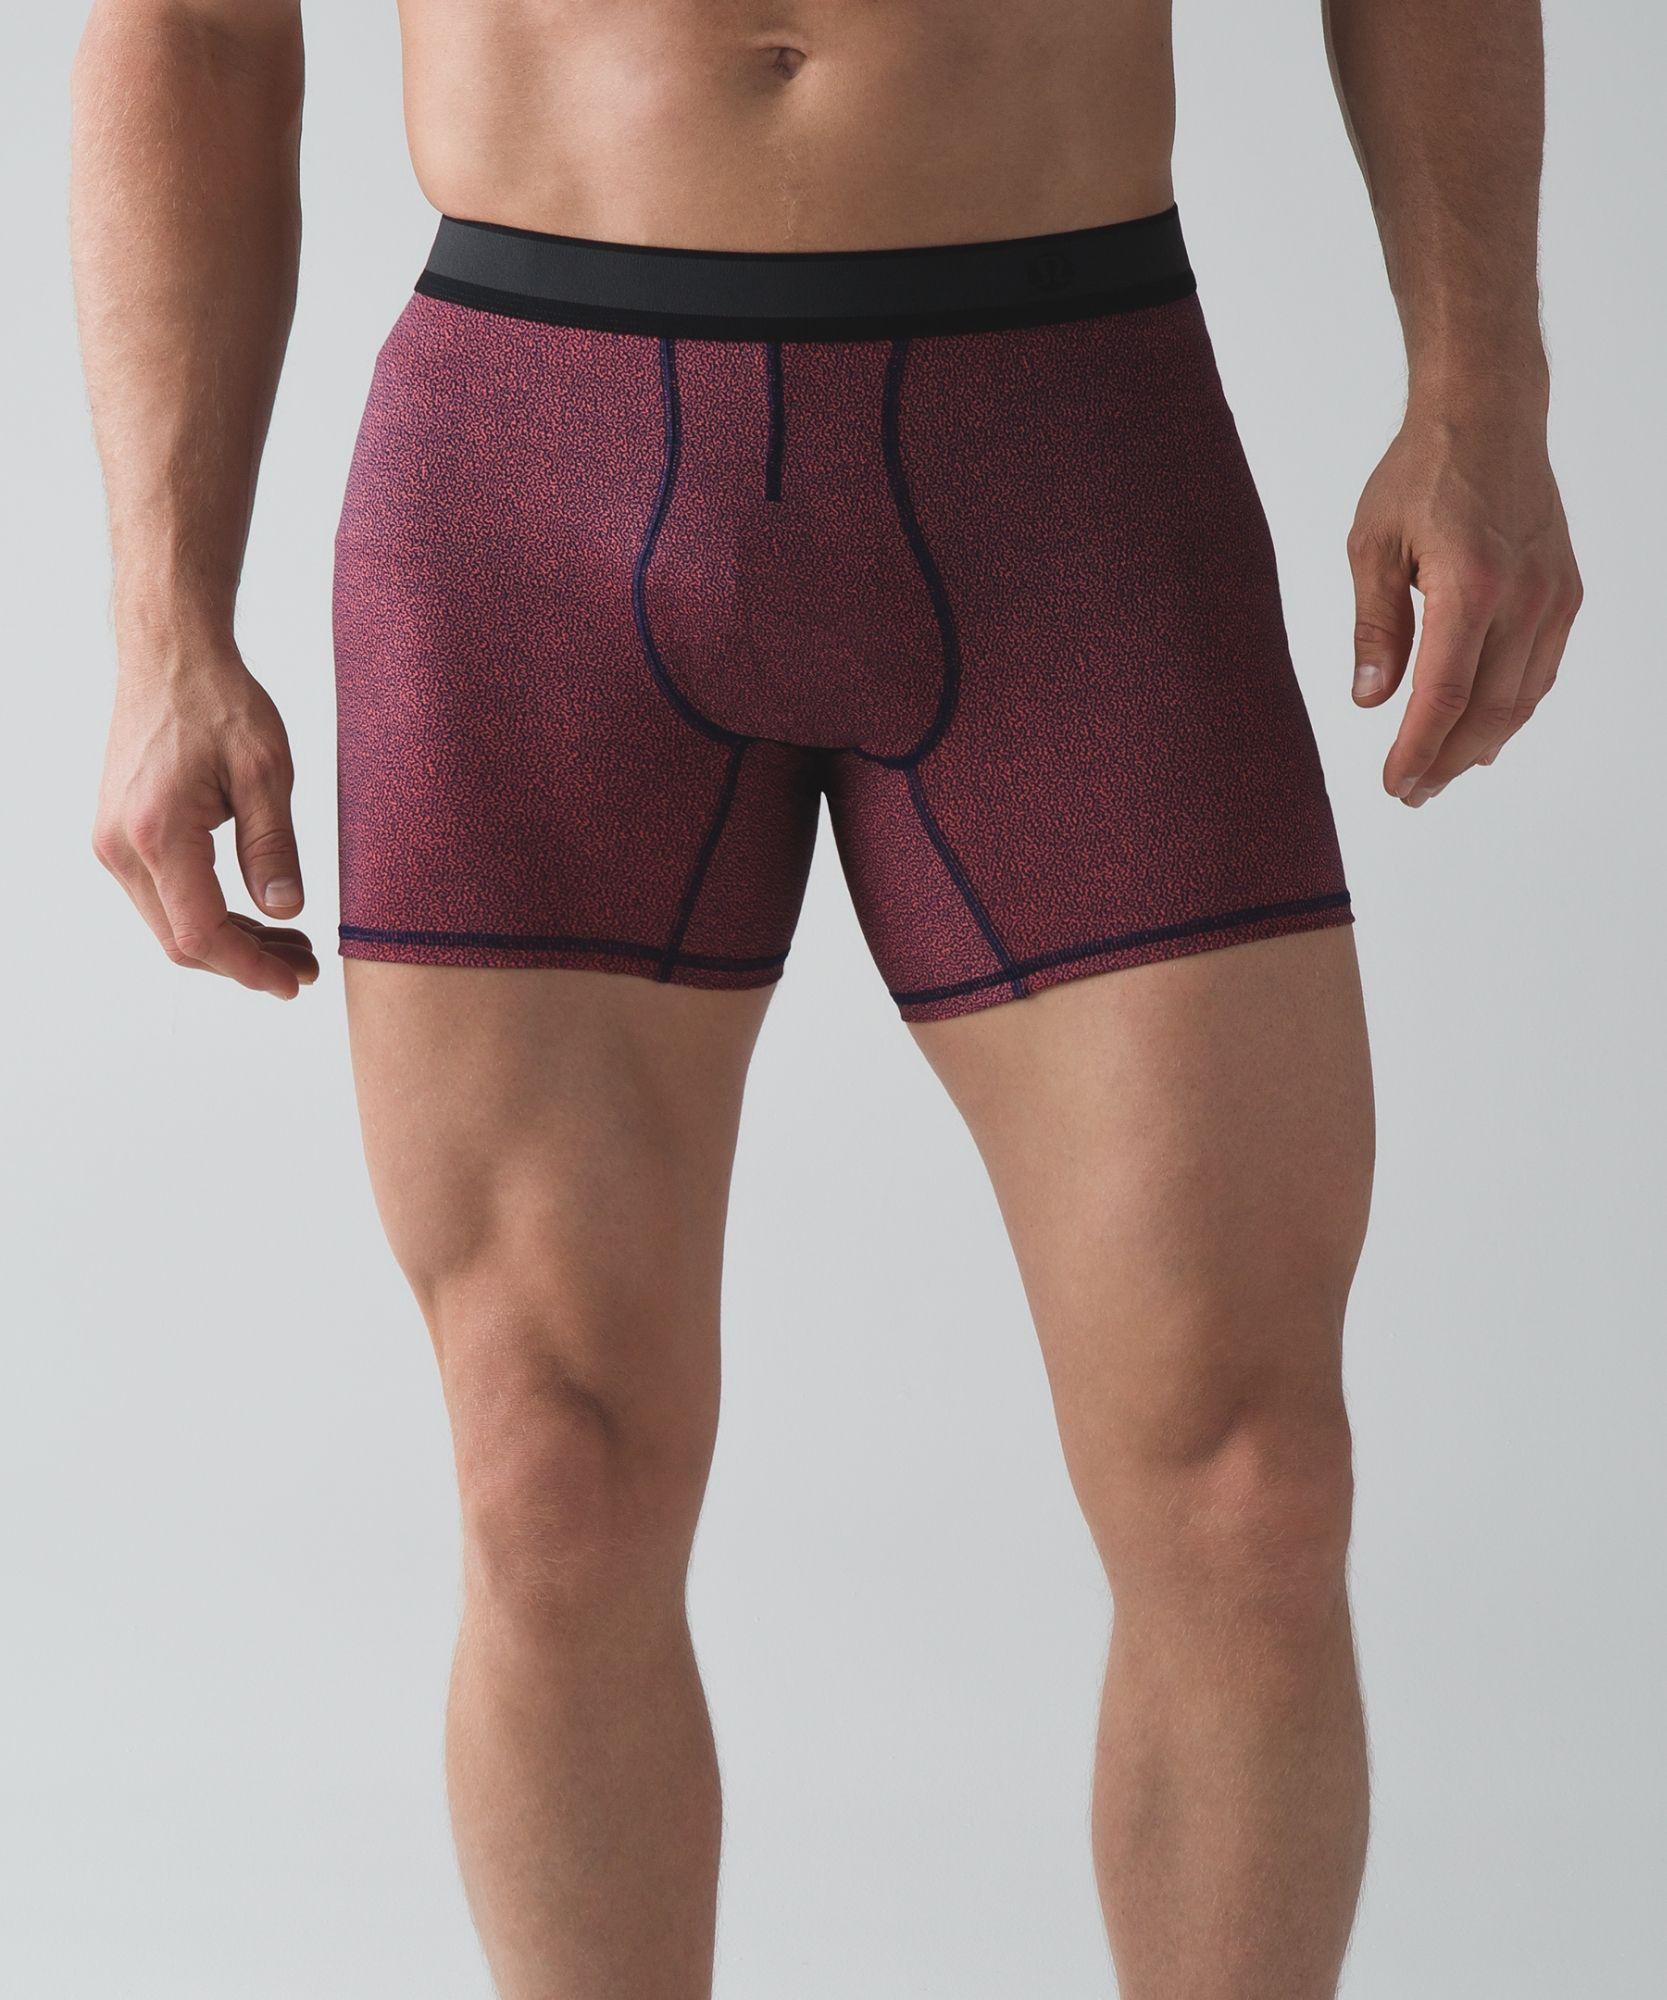 0bca80768260 Men's Boxer Shorts - No Boxer Boxer - lululemon | Products | Gym ...